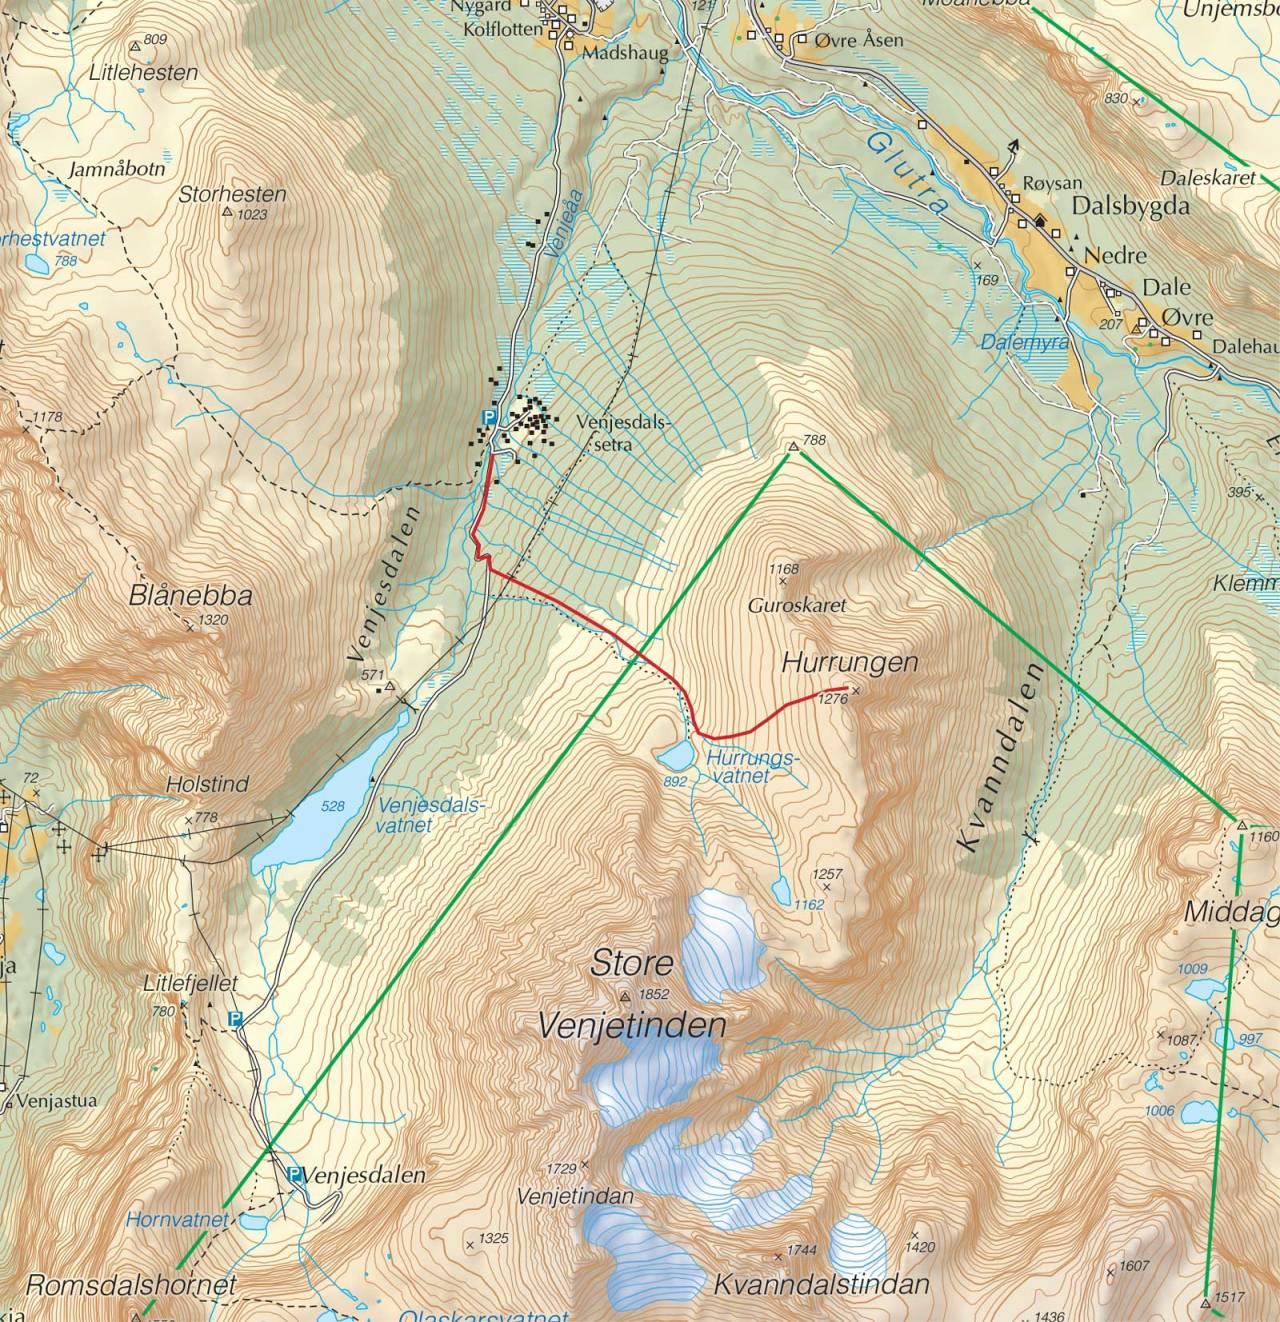 Kart over Hurrungen med inntegnet rute. Fra Trygge toppturer.